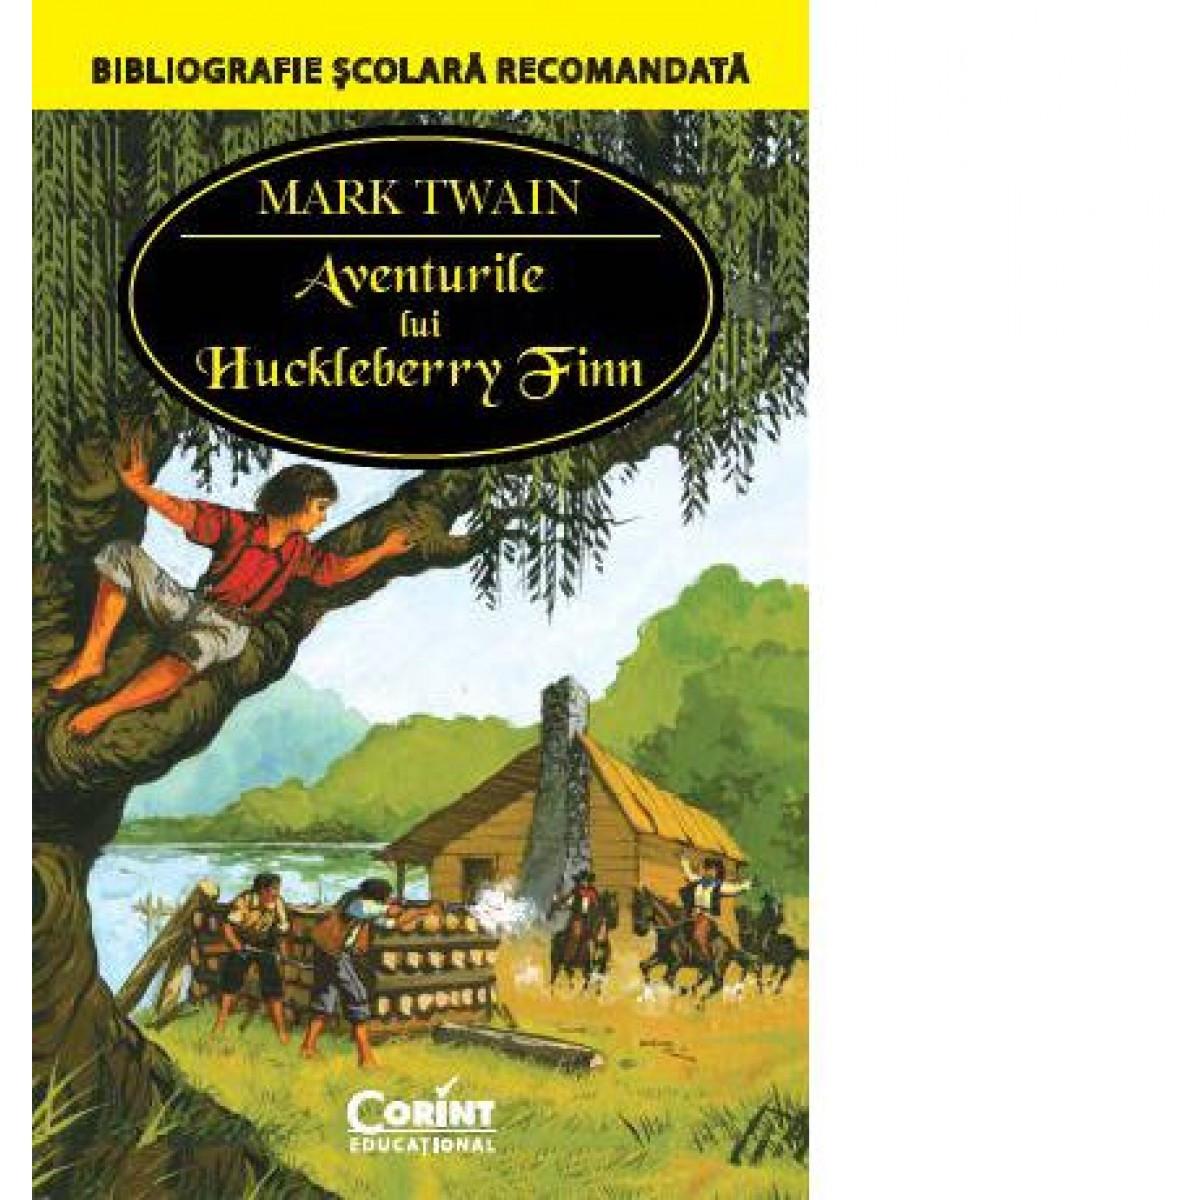 05. Aventurile lui Huckleberry Finn